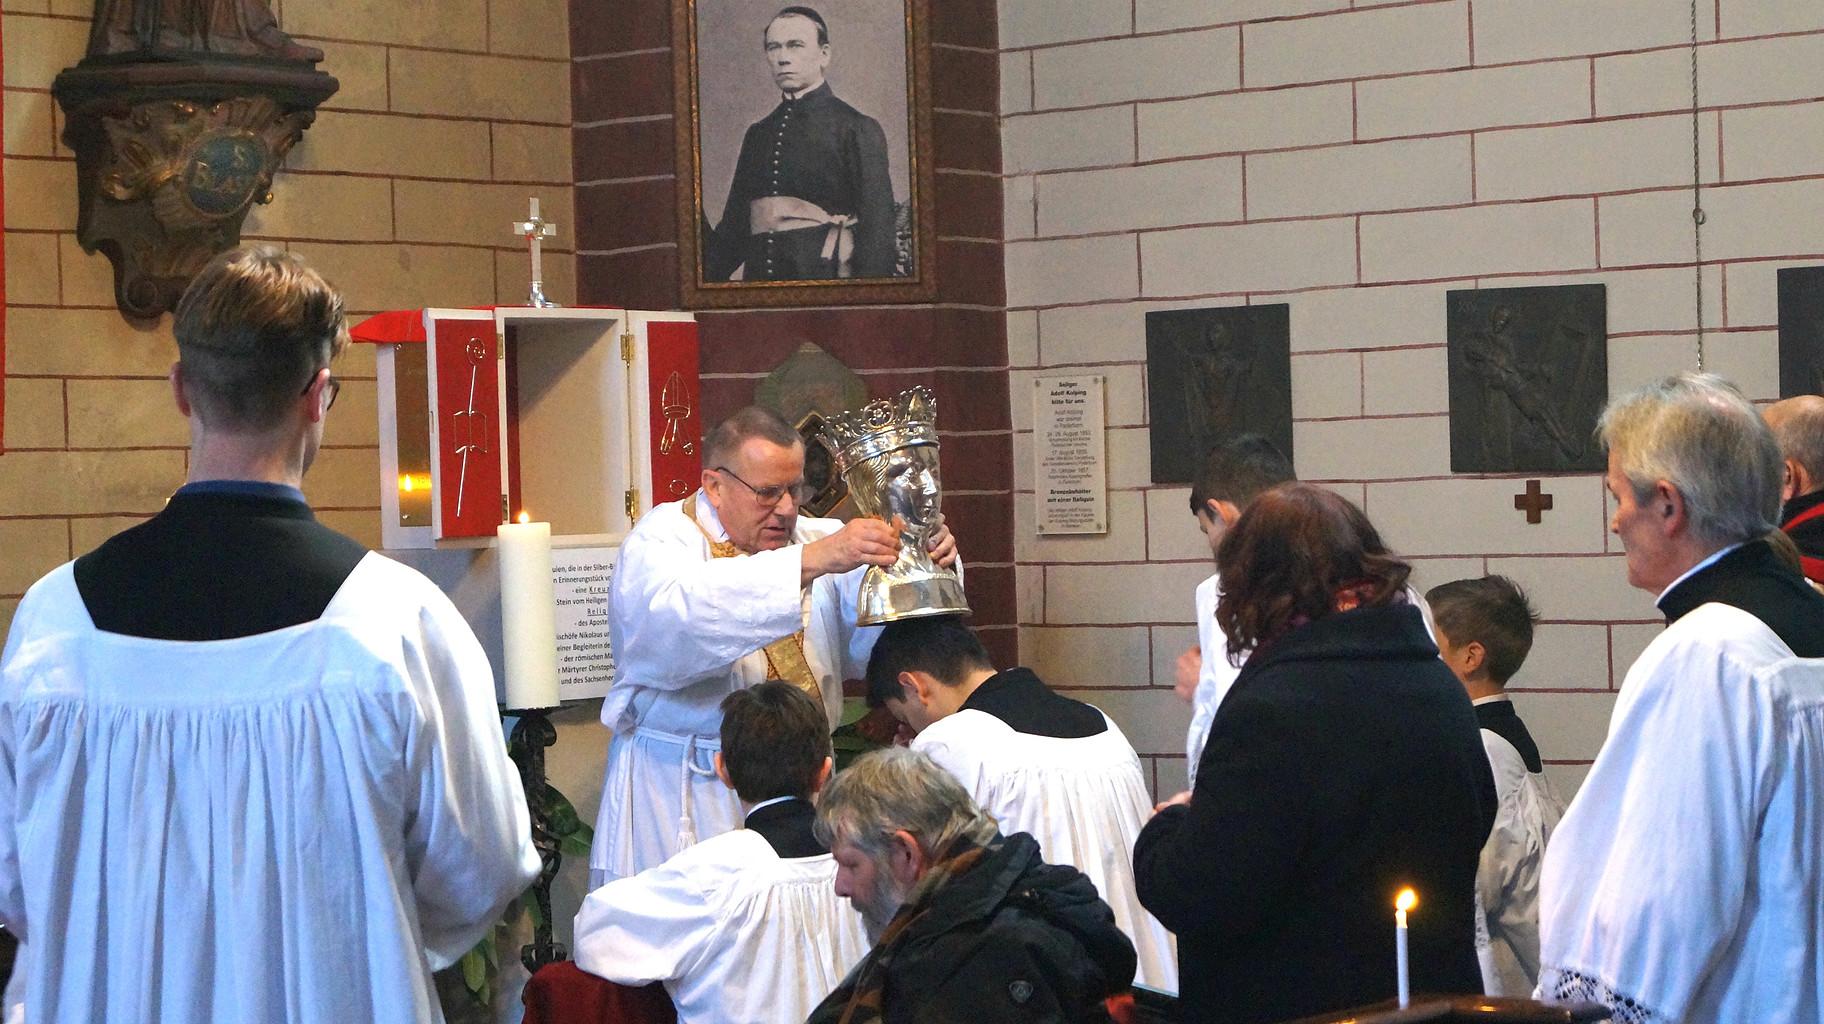 Einzelsegen mit der Blasius-Reliquie, Paderborn 2019